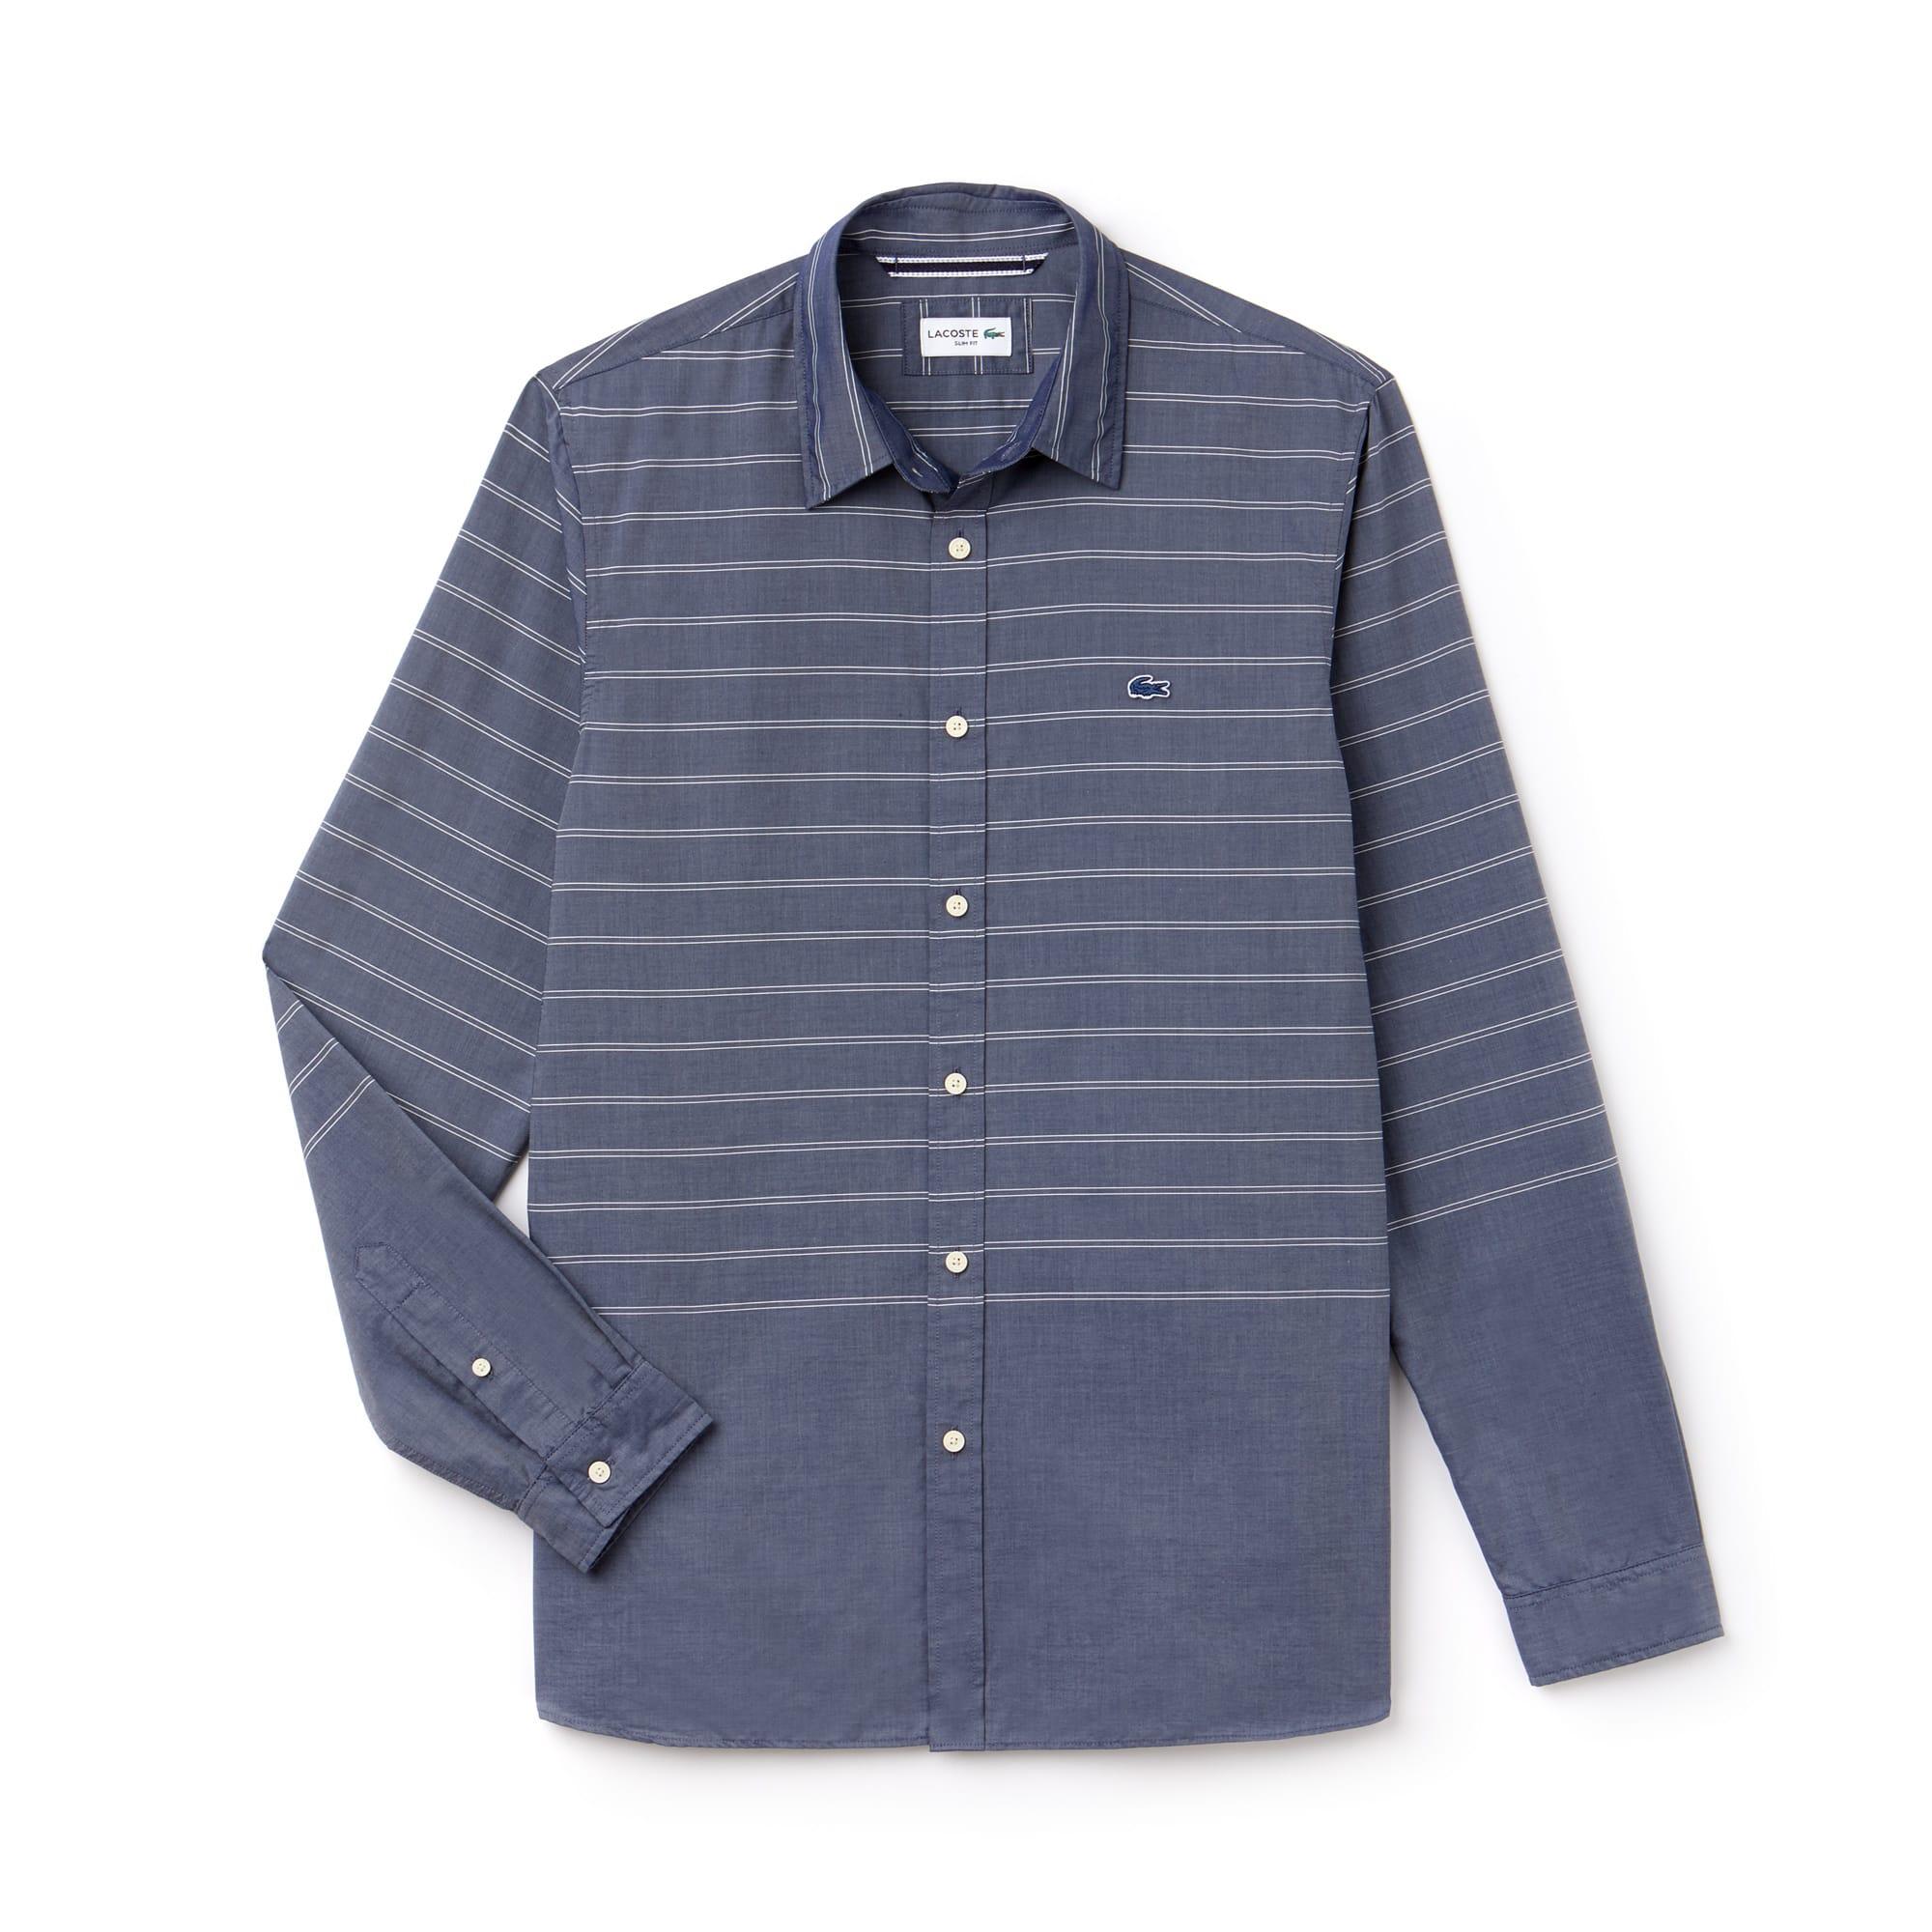 Lacoste - Camisa De Hombre Slim Fit En Popelín De Rayas - 4